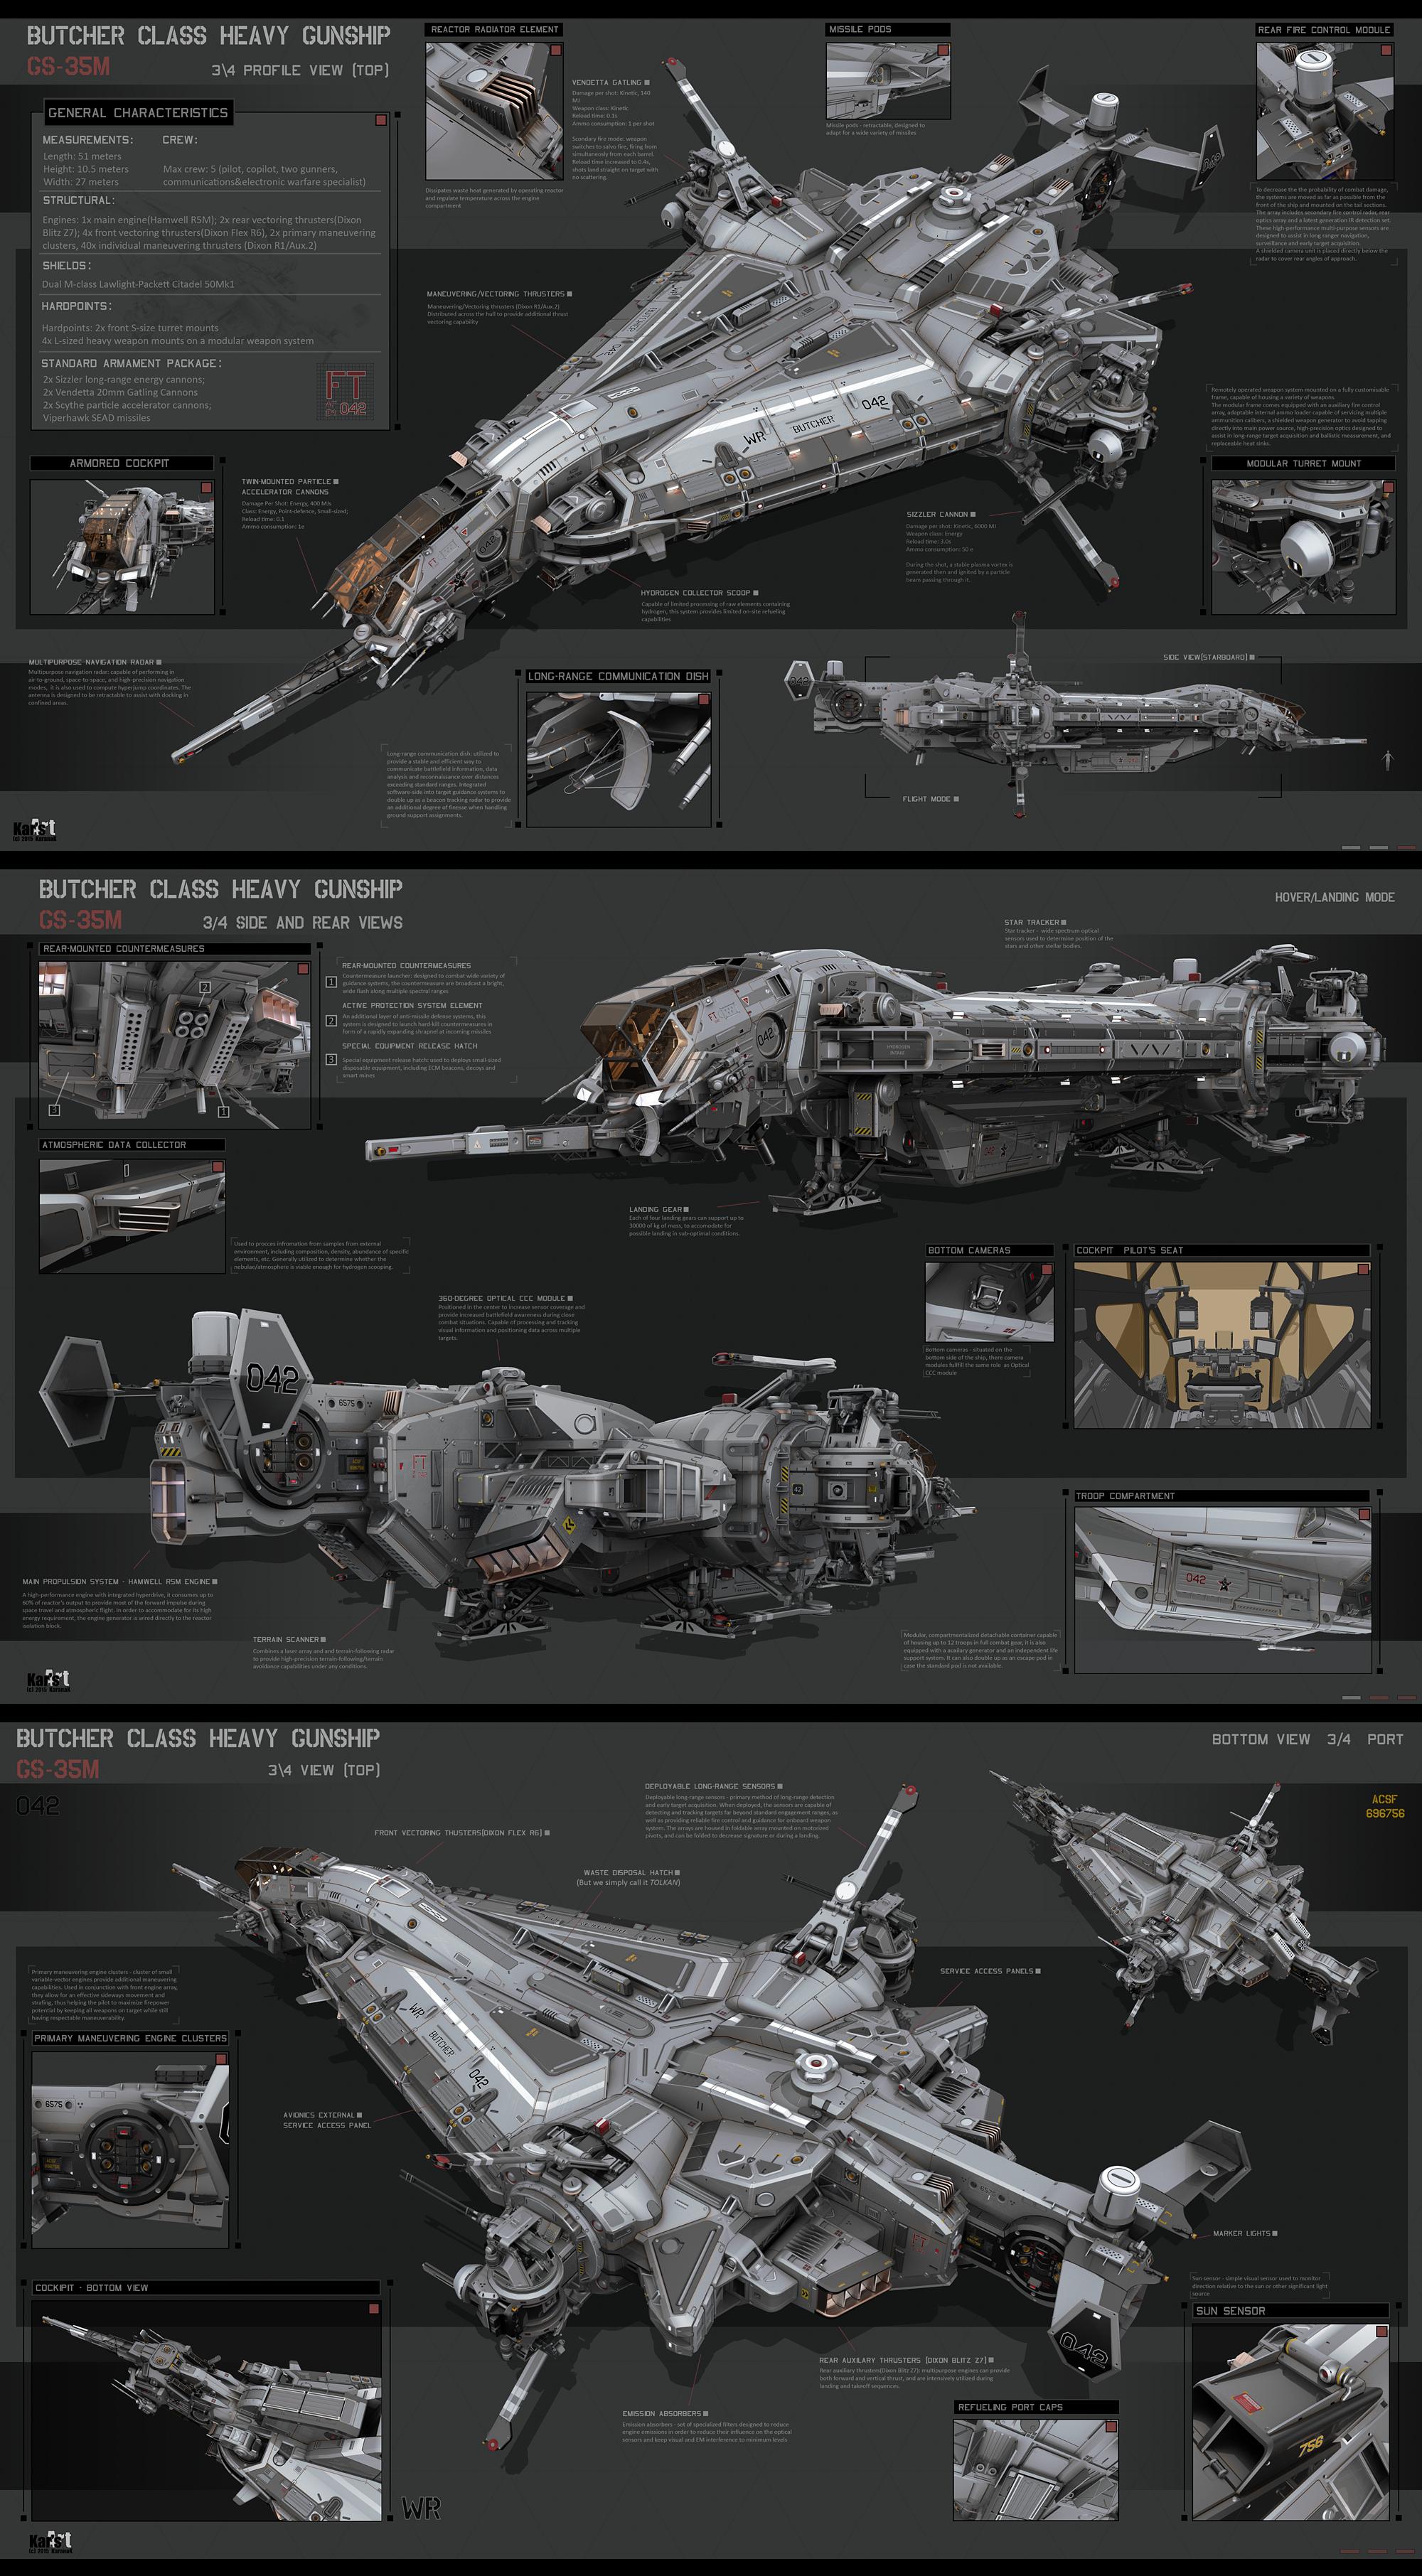 고렙 순양함 두께감/중앙 방사형 라인 주목Butcher Class Heavy Gunship by KaranaK on DeviantArt